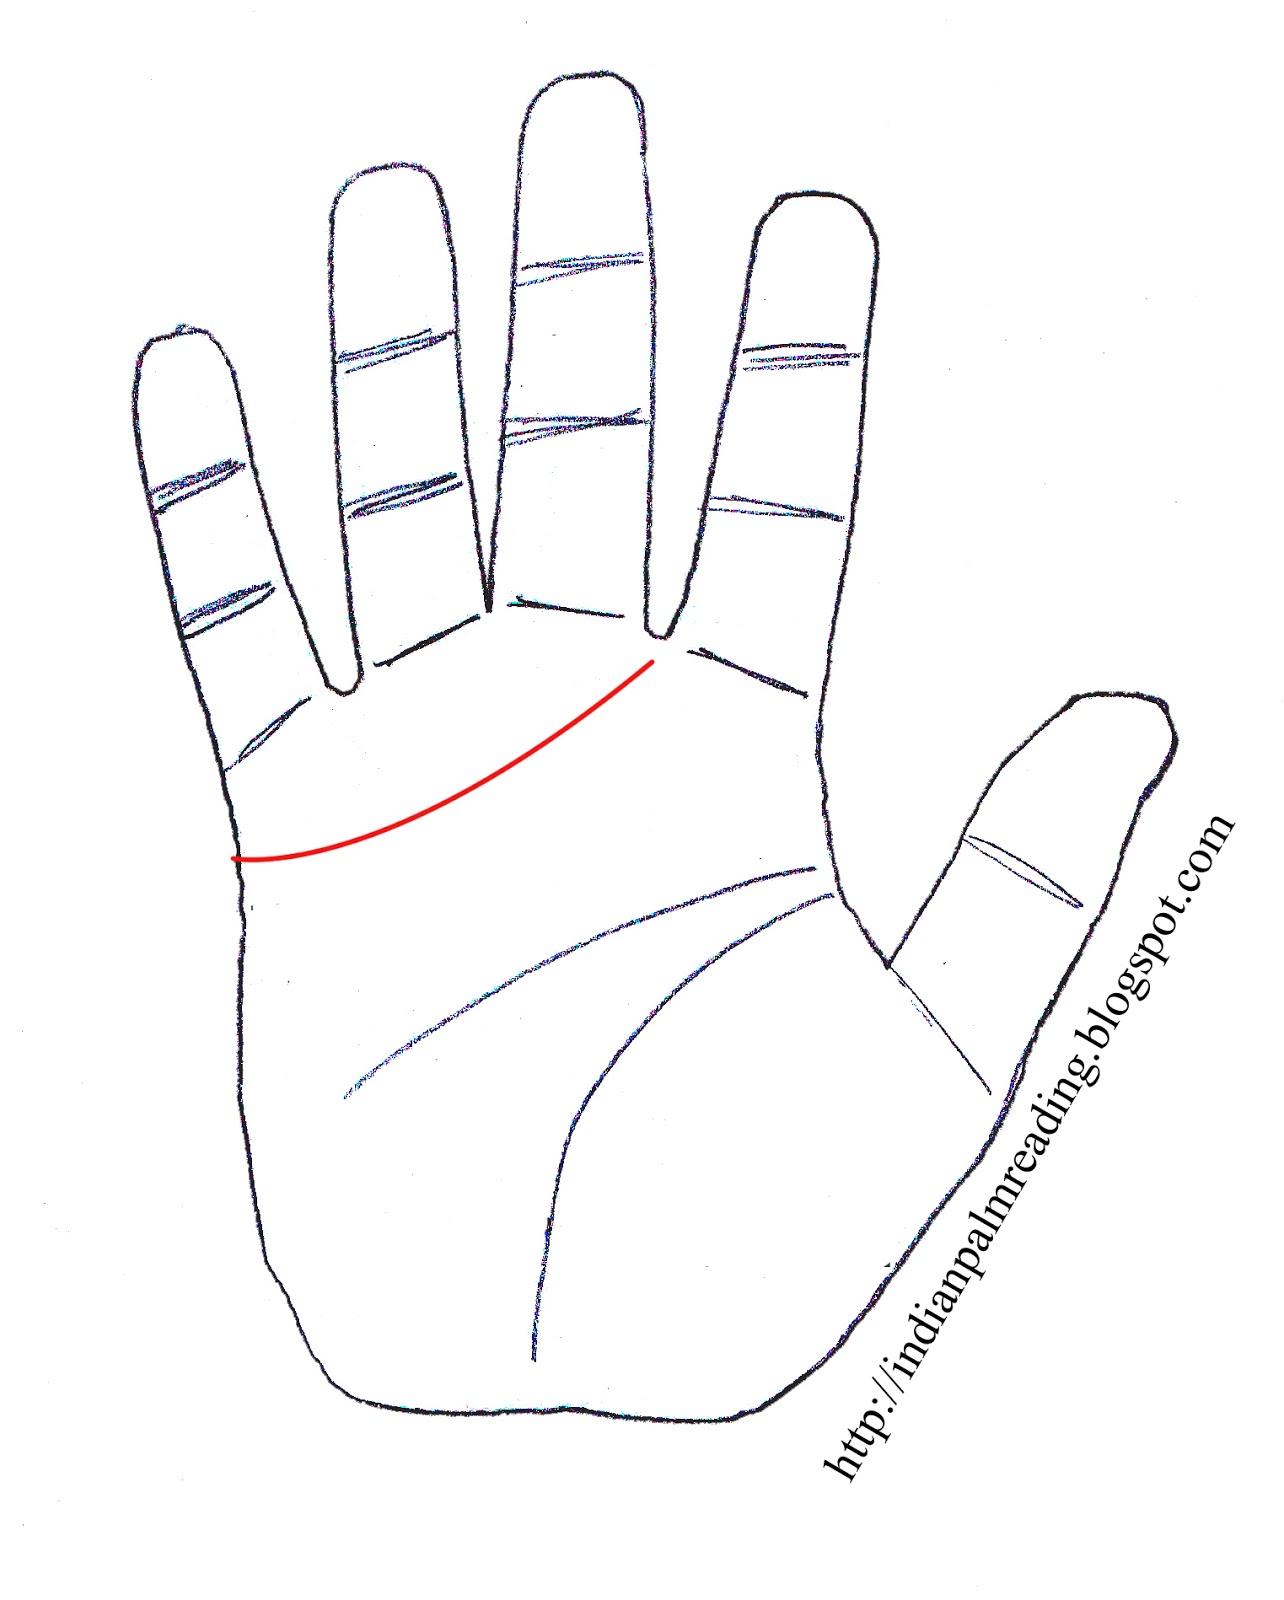 Jealous & Sensual Person - Indian Palmistry, हस्त ज्योतिष में हृदय रेखा (दिल की रेखा) का उंगलियों की तरफ झुकाव | Heart Line Towards Fingers Palmistry